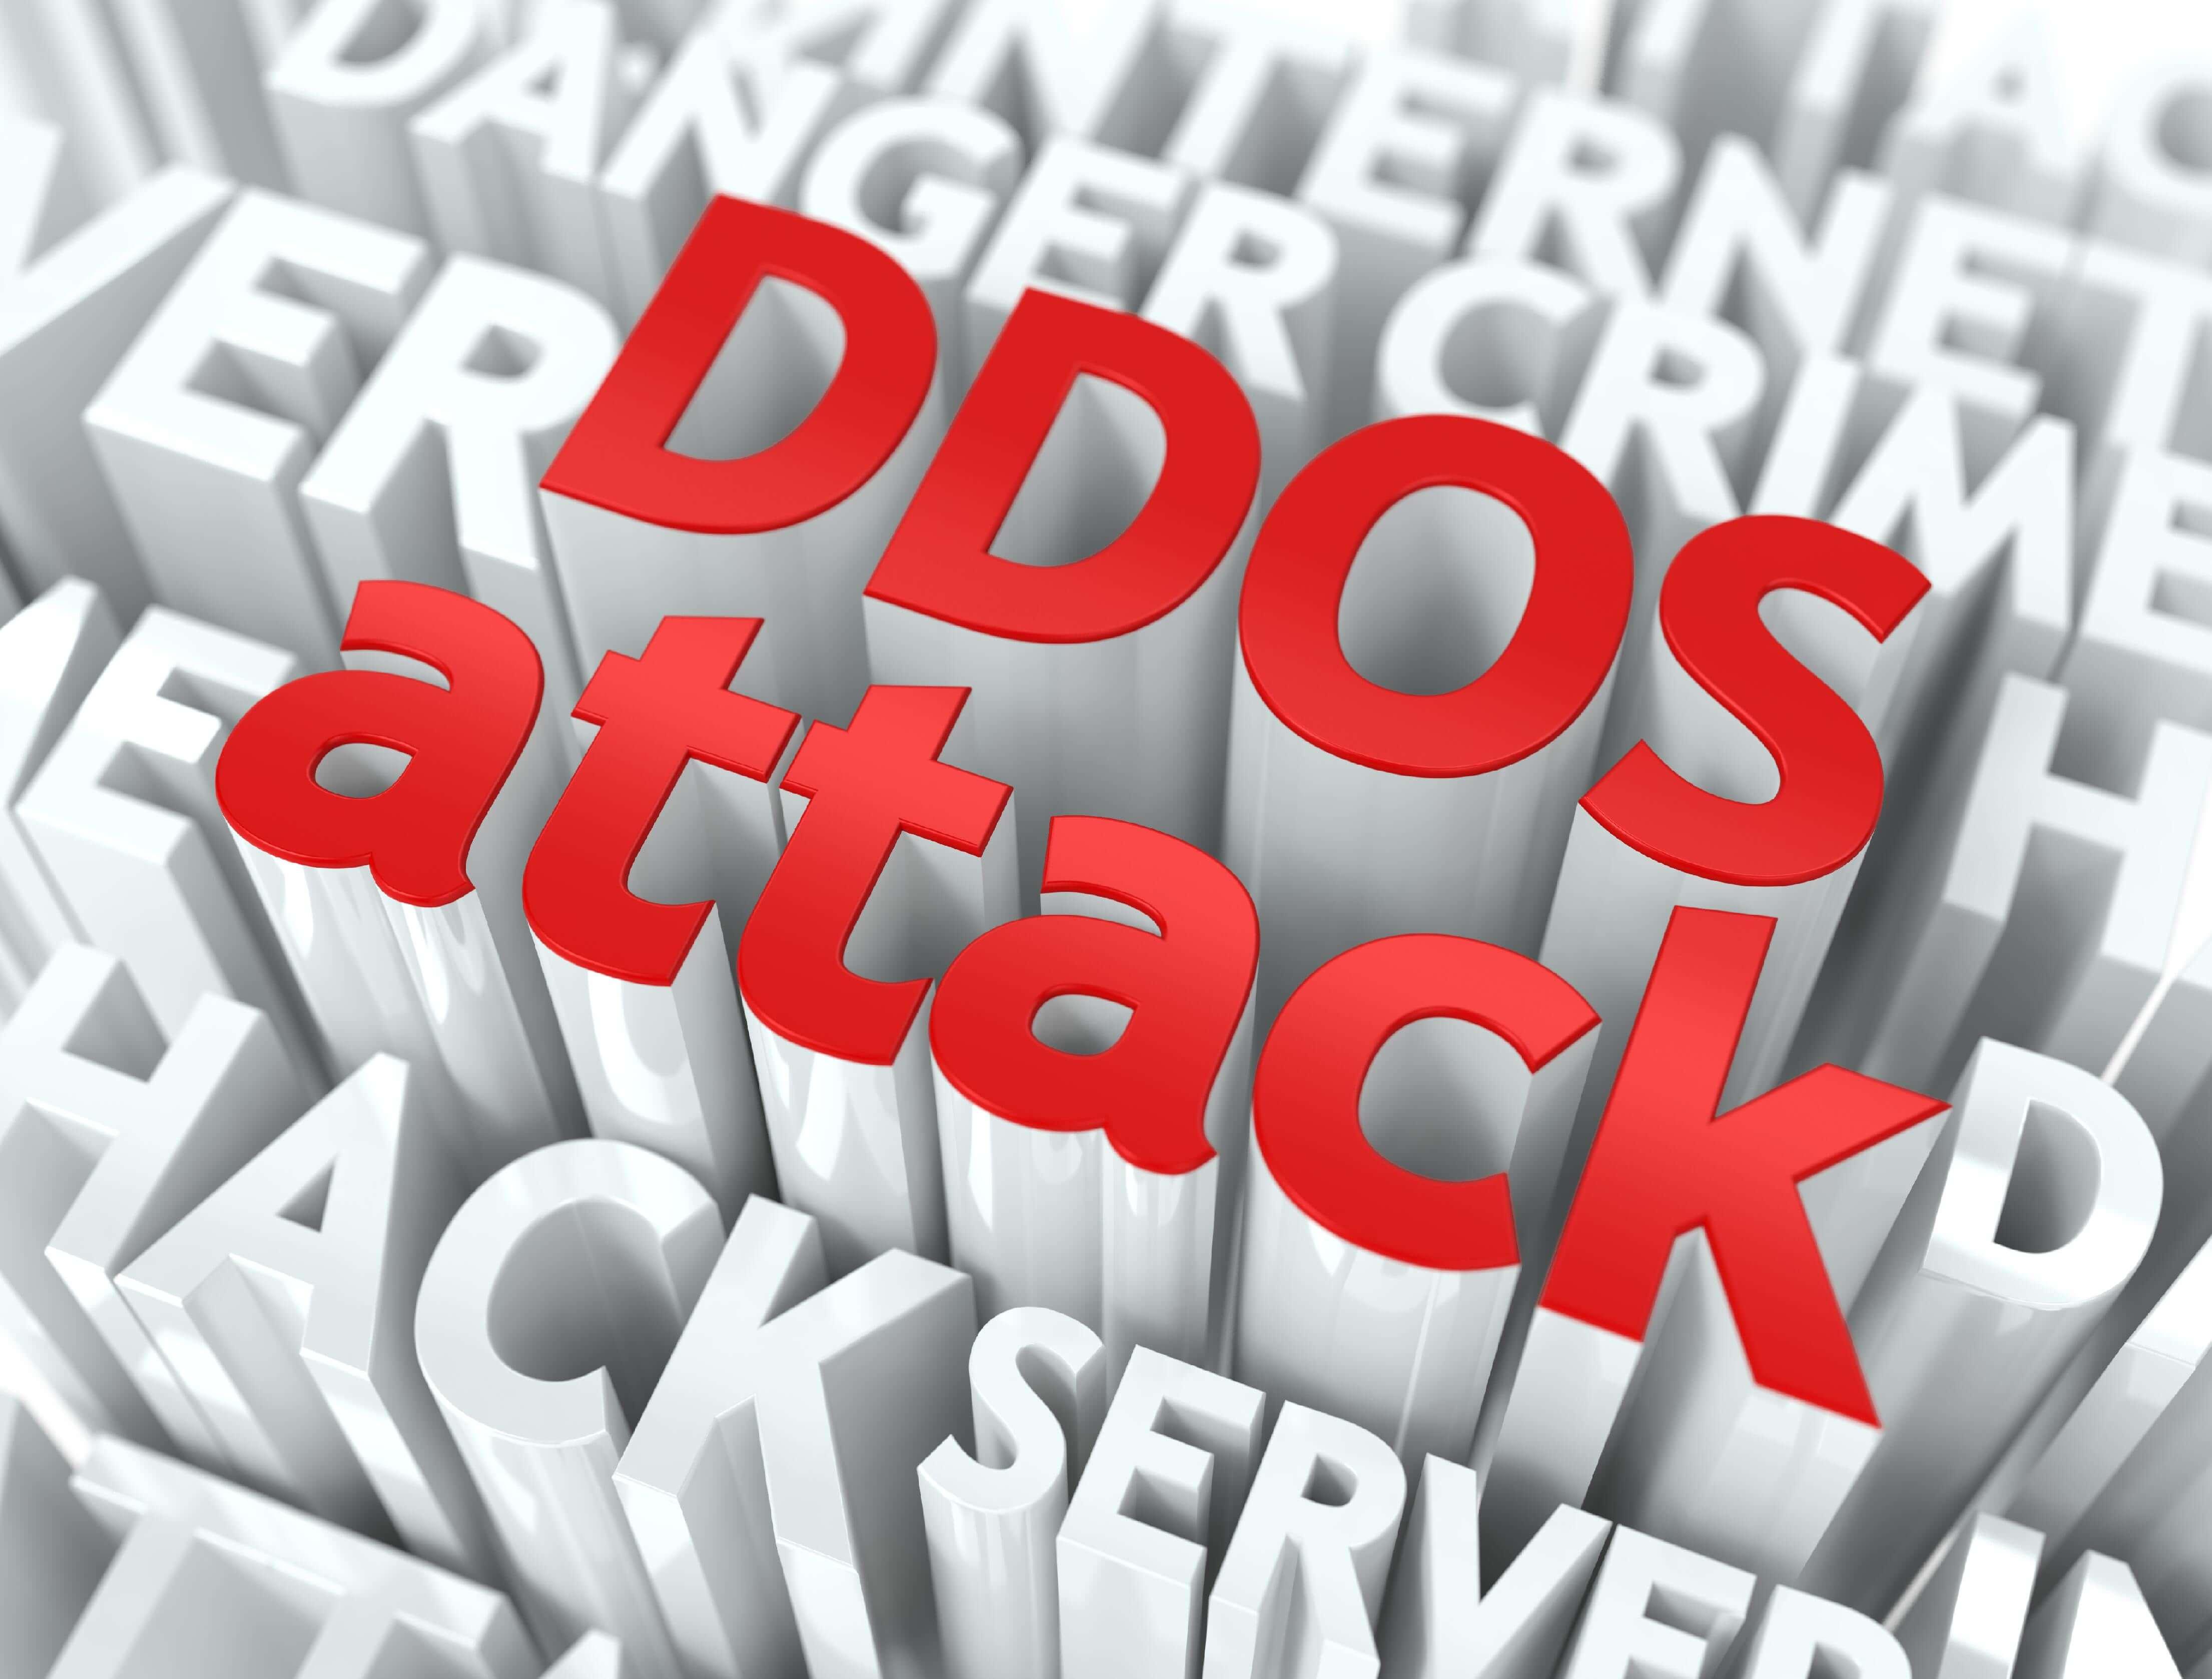 ddos , با حملات DOS و DDOS به طور کامل آشنا شوید, همیار آی تی